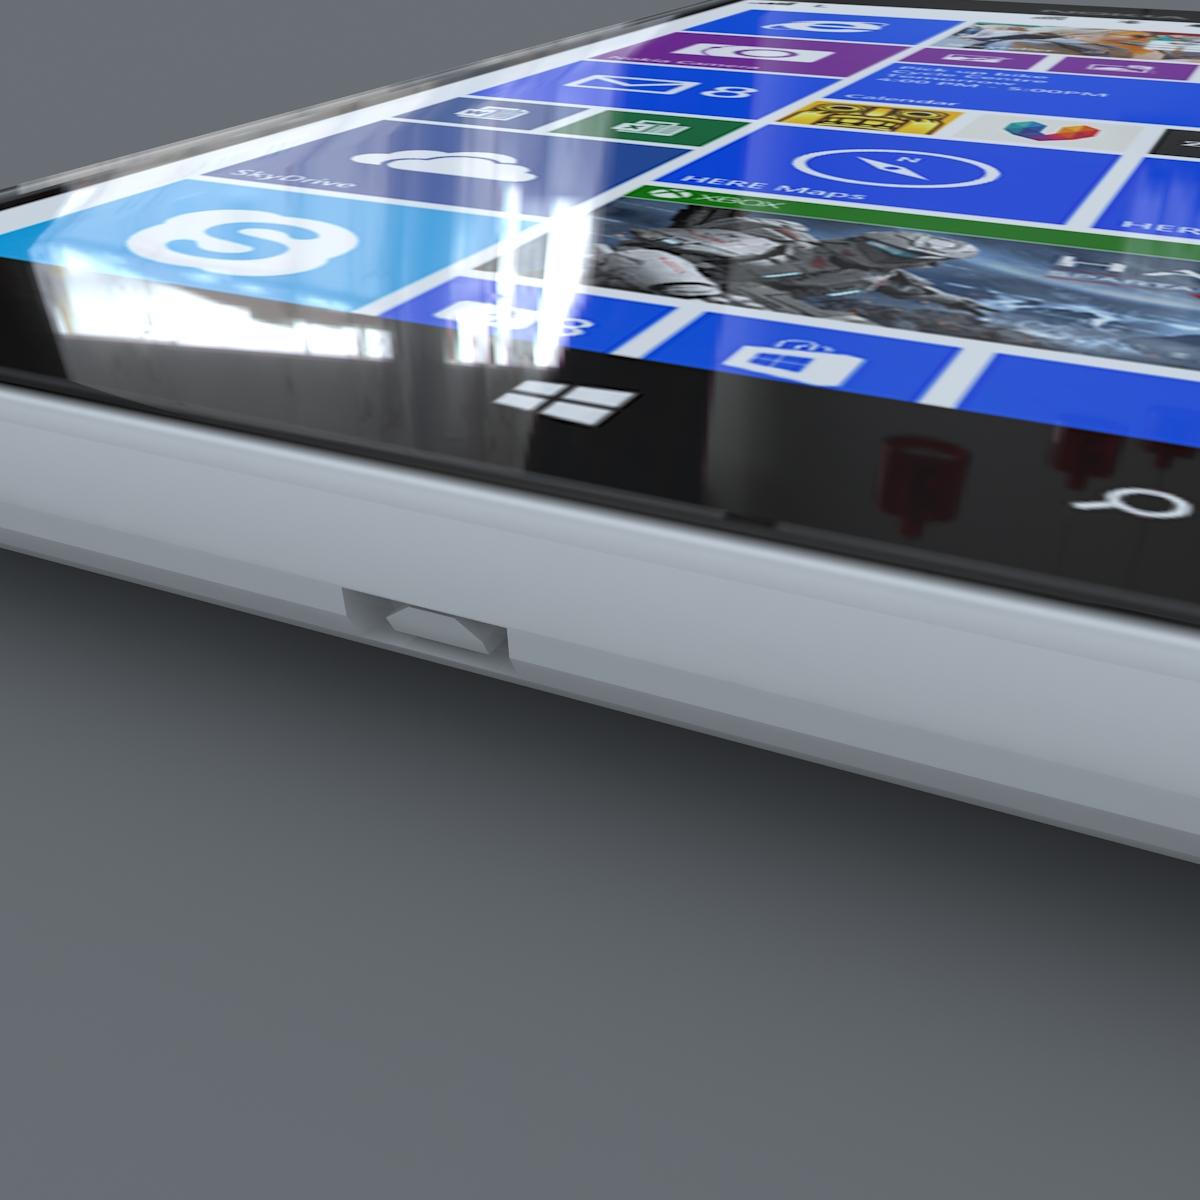 nokia lumia 1520 bijela 3d model max fbx c4d lxo ma mb obj 158426